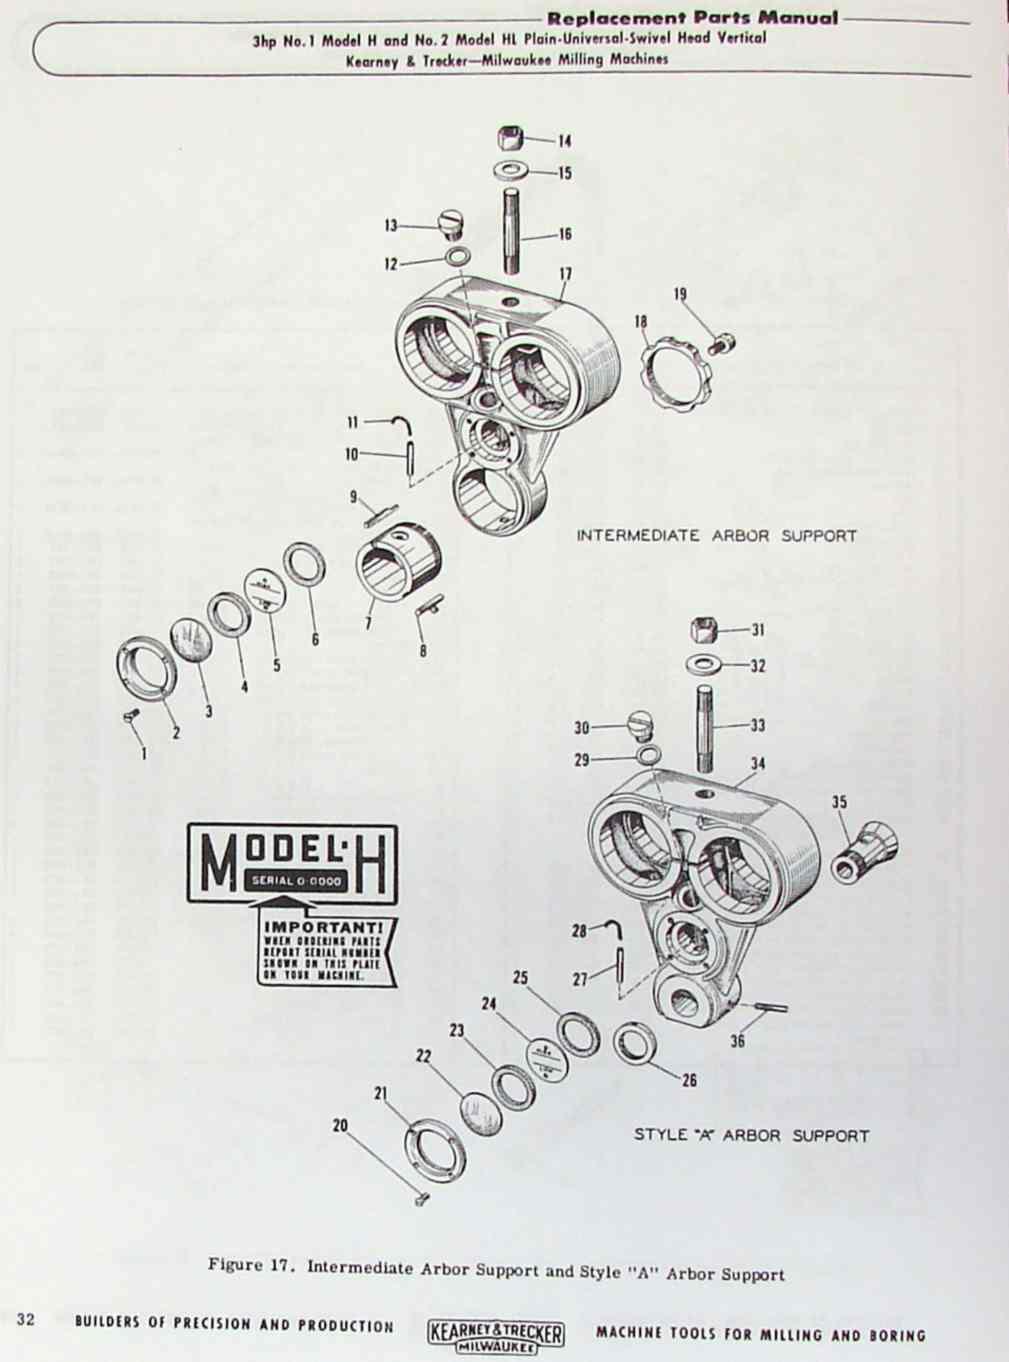 kearney trecker milling machine manuals